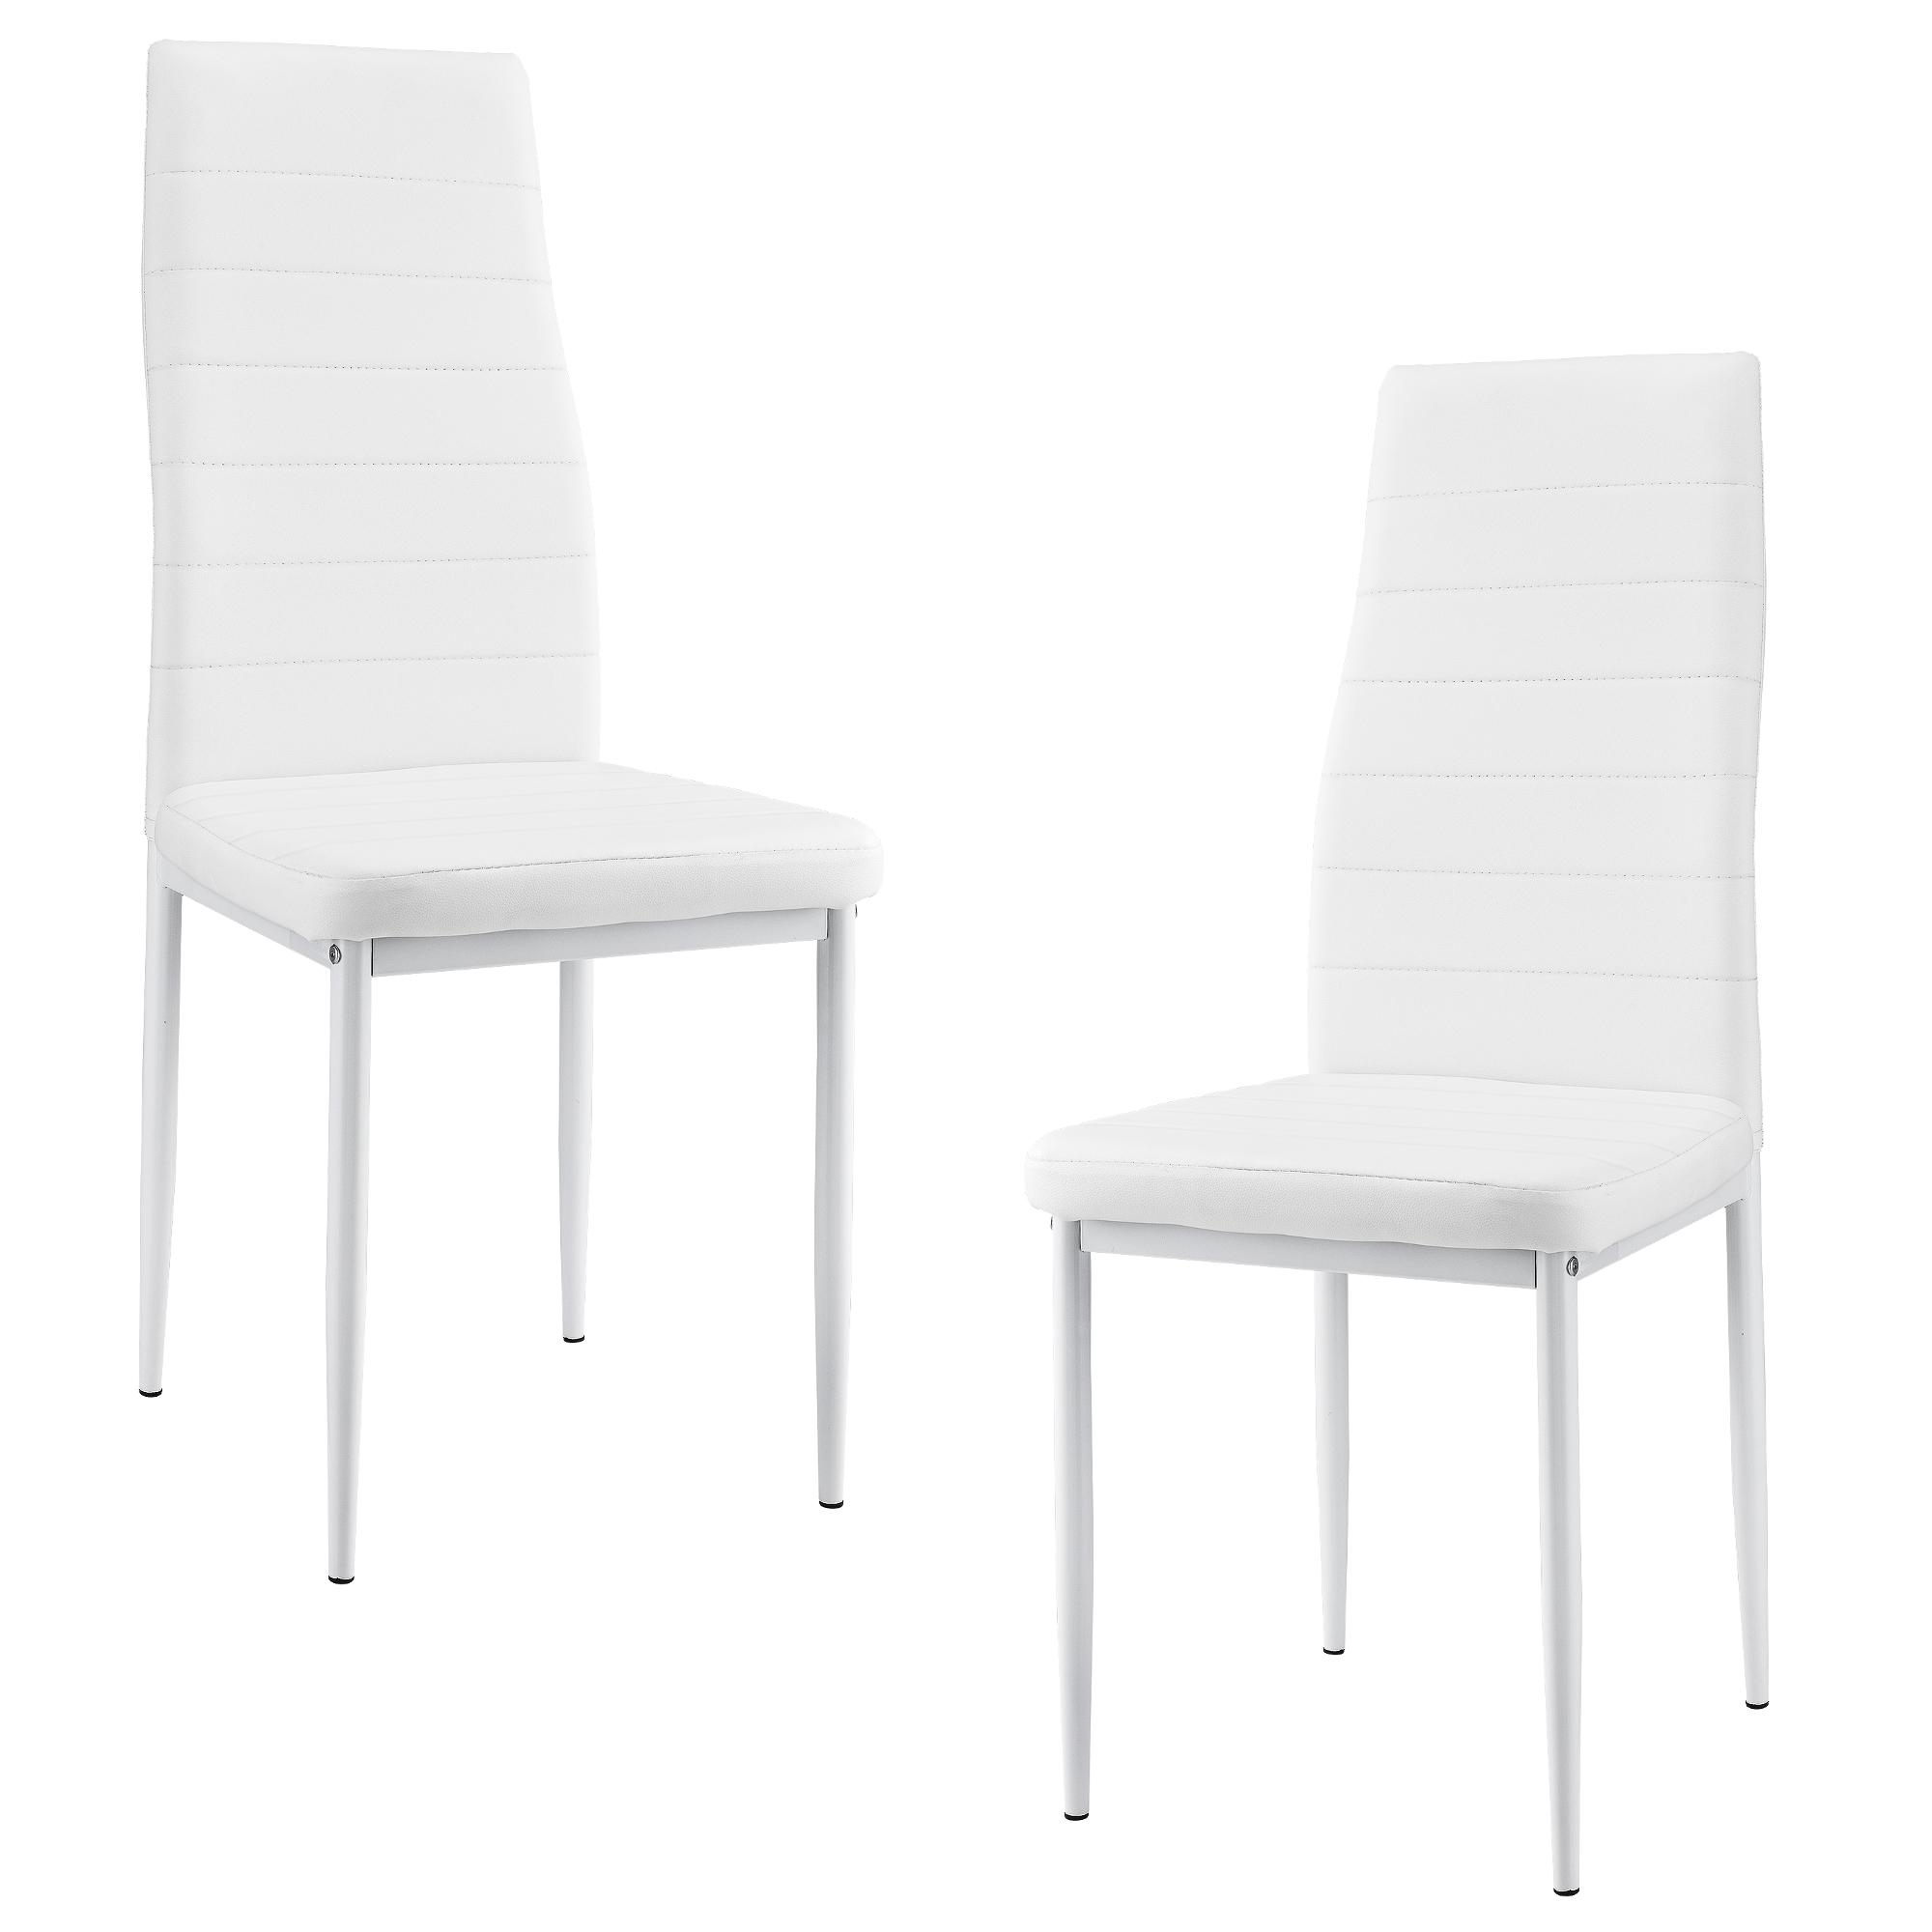 2er set chaises blanc dossier haut salle manger - Chaise haut dossier salle a manger ...